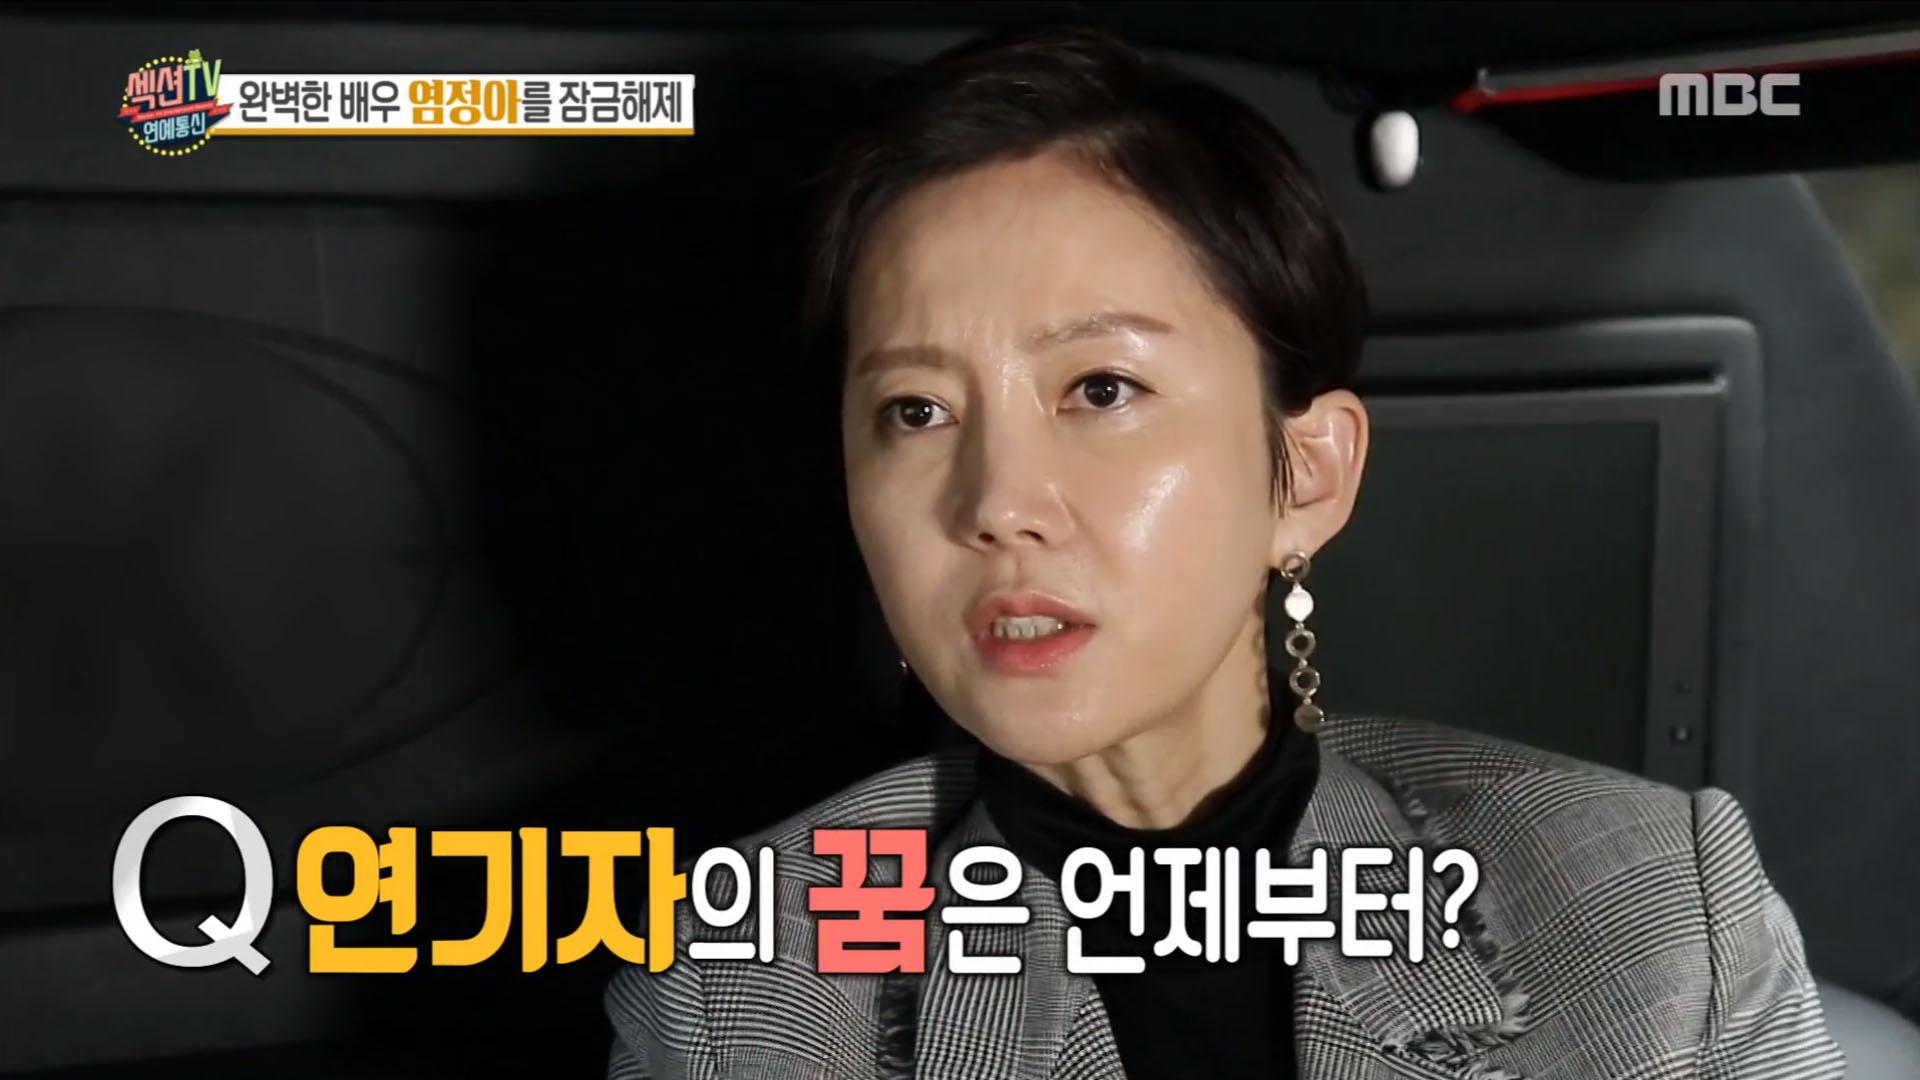 """'섹션TV 연예통신' 청춘스타 염정아! """"박중훈에 반해 연기자 꿈 꿔"""""""